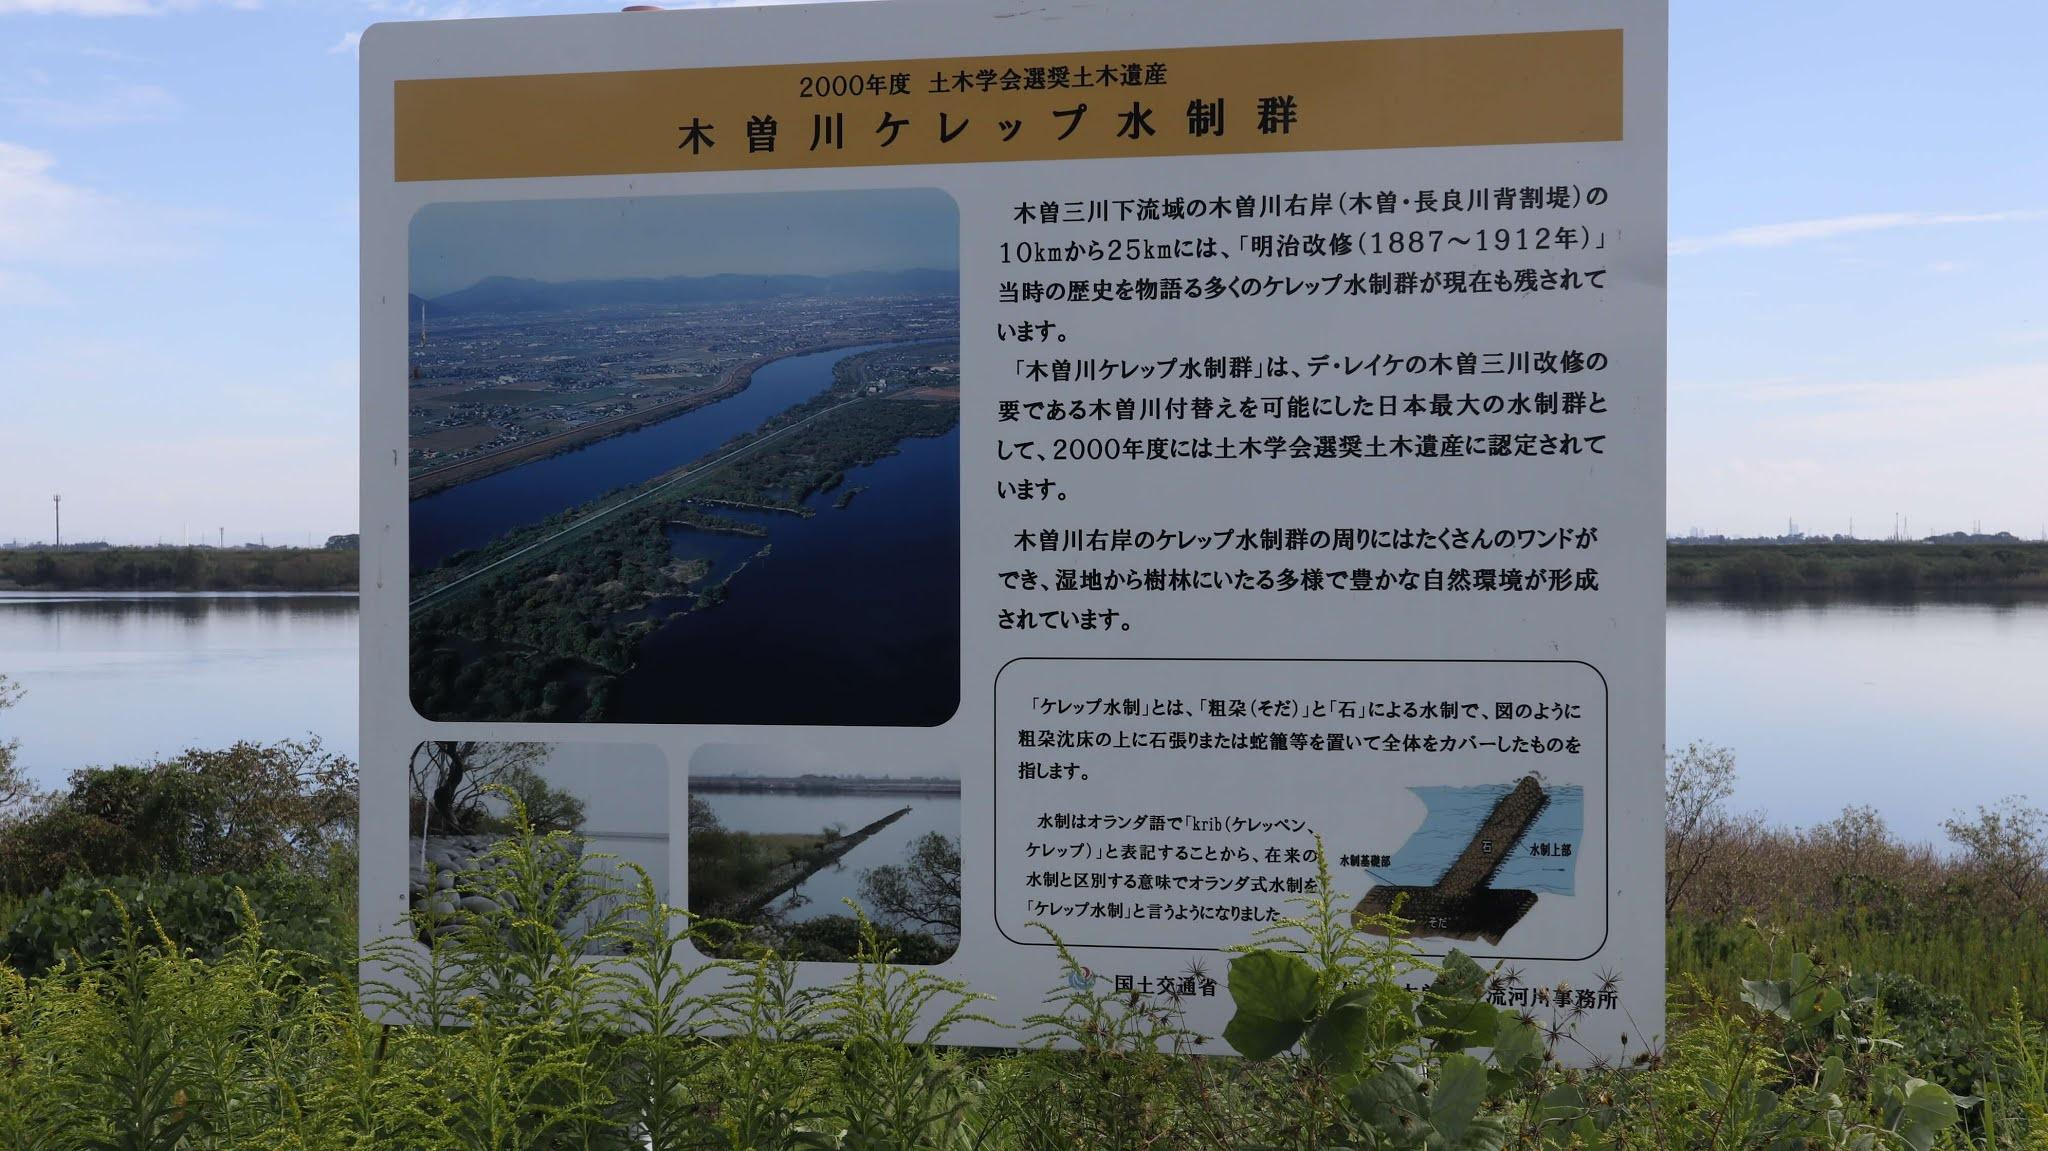 木曽川ケレップ水制群